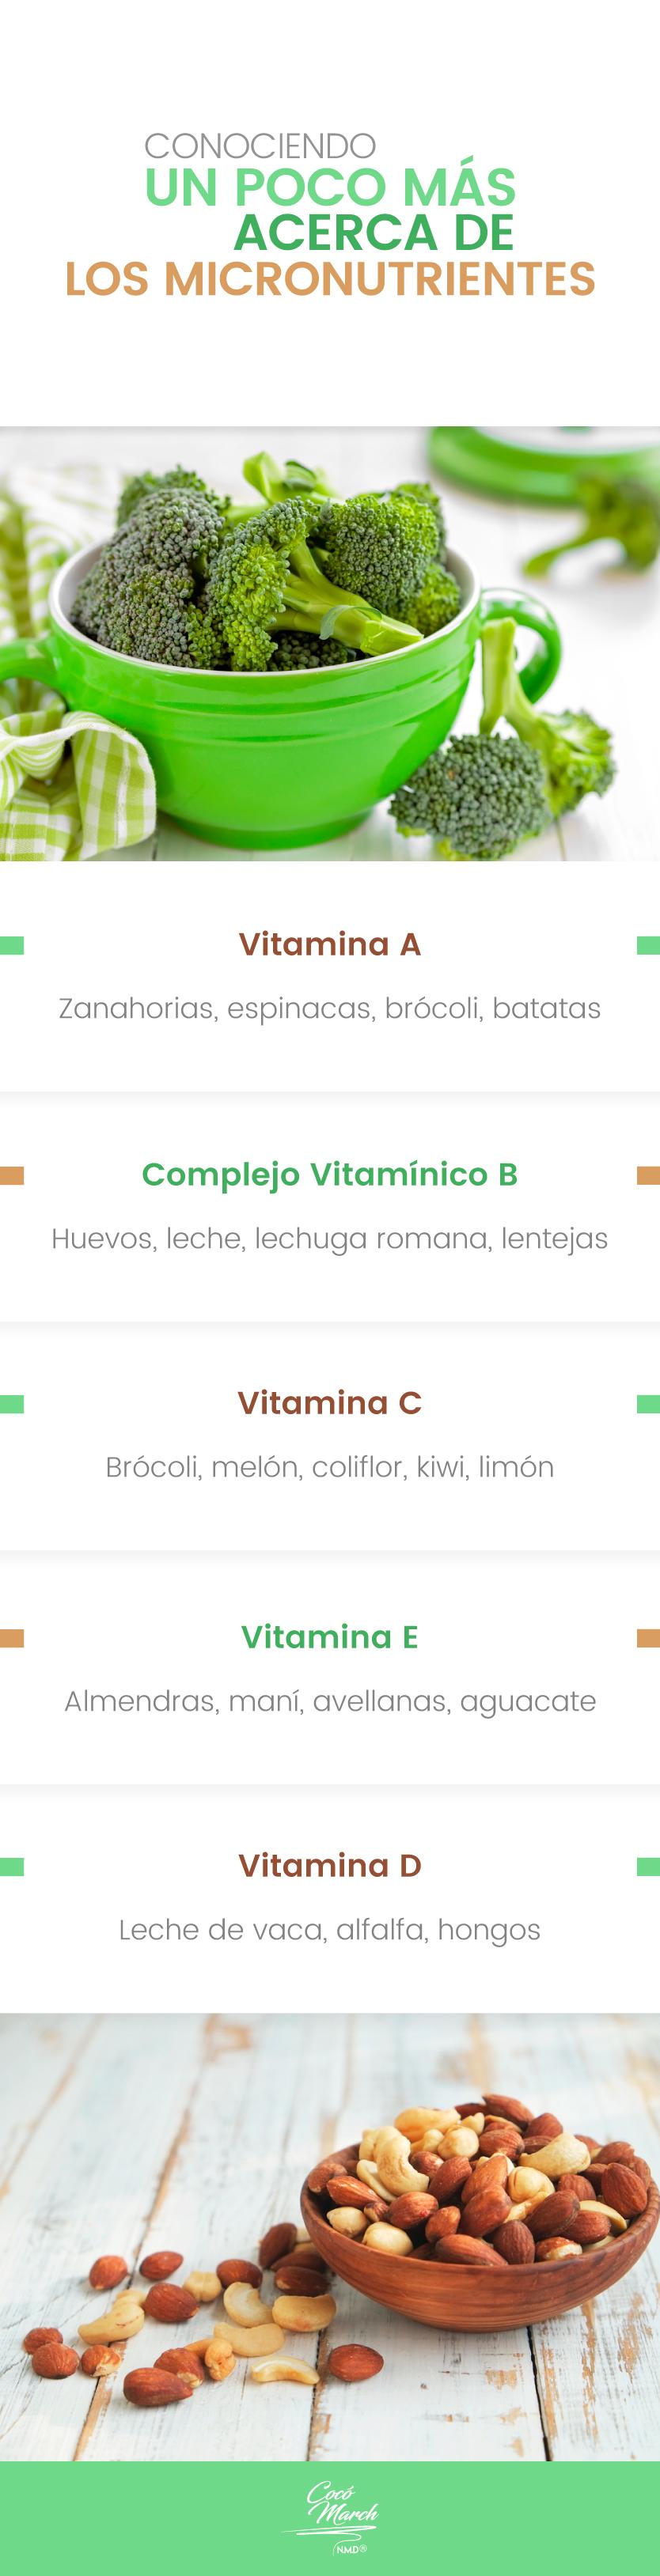 los-micronutrientes